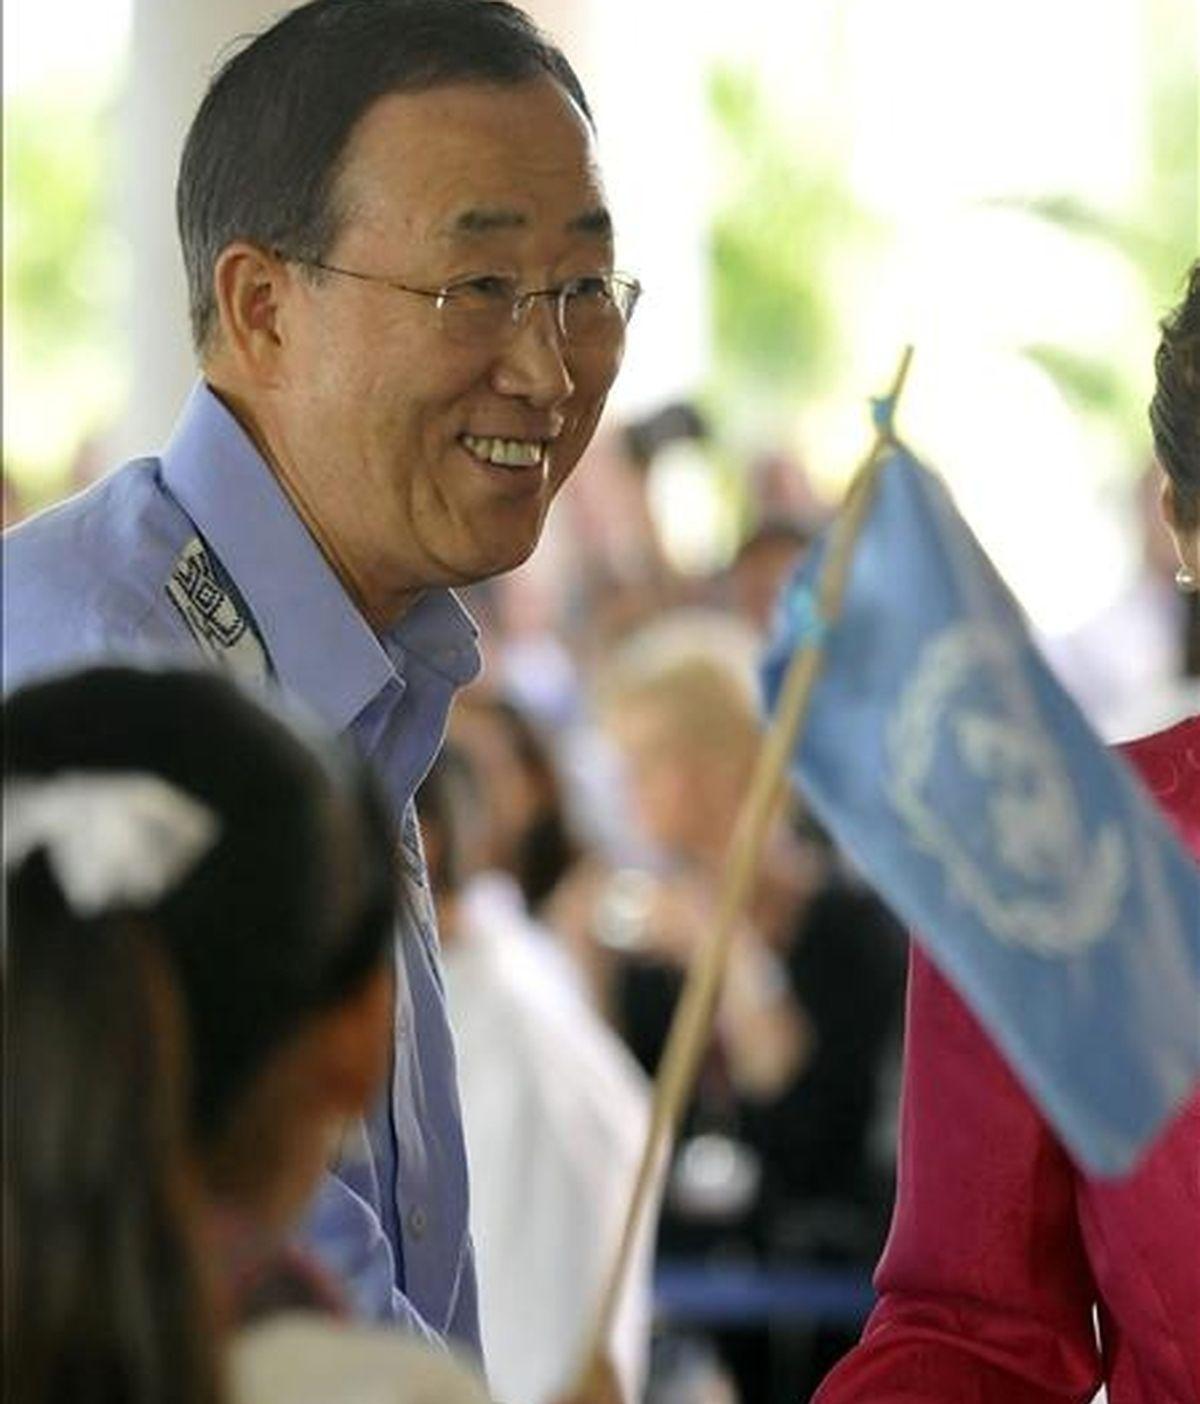 El secretario general de la ONU, Ban Ki-moon, llega, este 7 de diciembre, a la inauguración del tramo negociador definitivo de la Cumbre sobre el Cambio Climático de Cancún (México). EFE